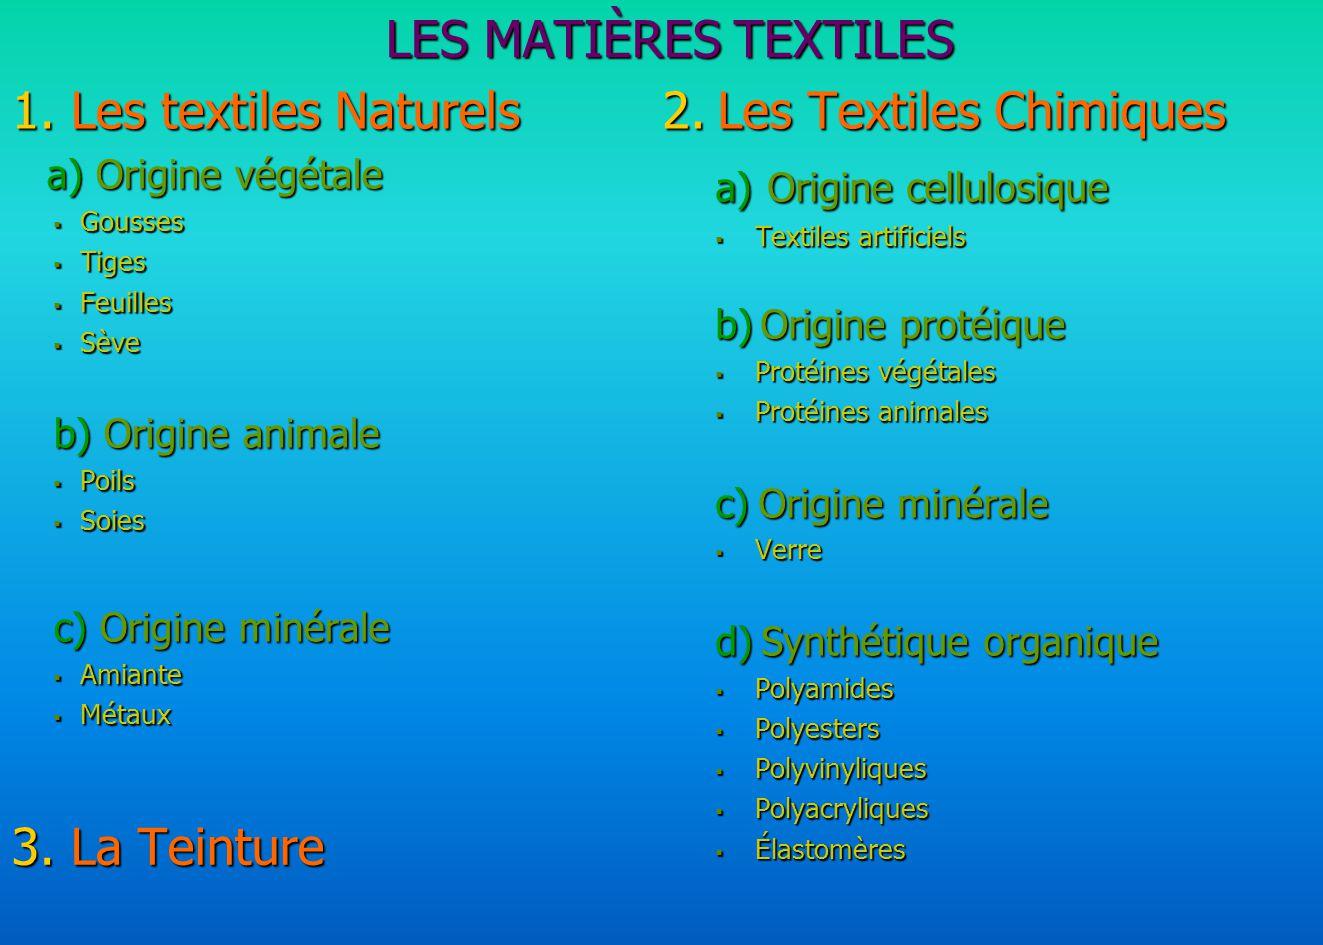 2. Les Textiles Chimiques a) Origine cellulosique